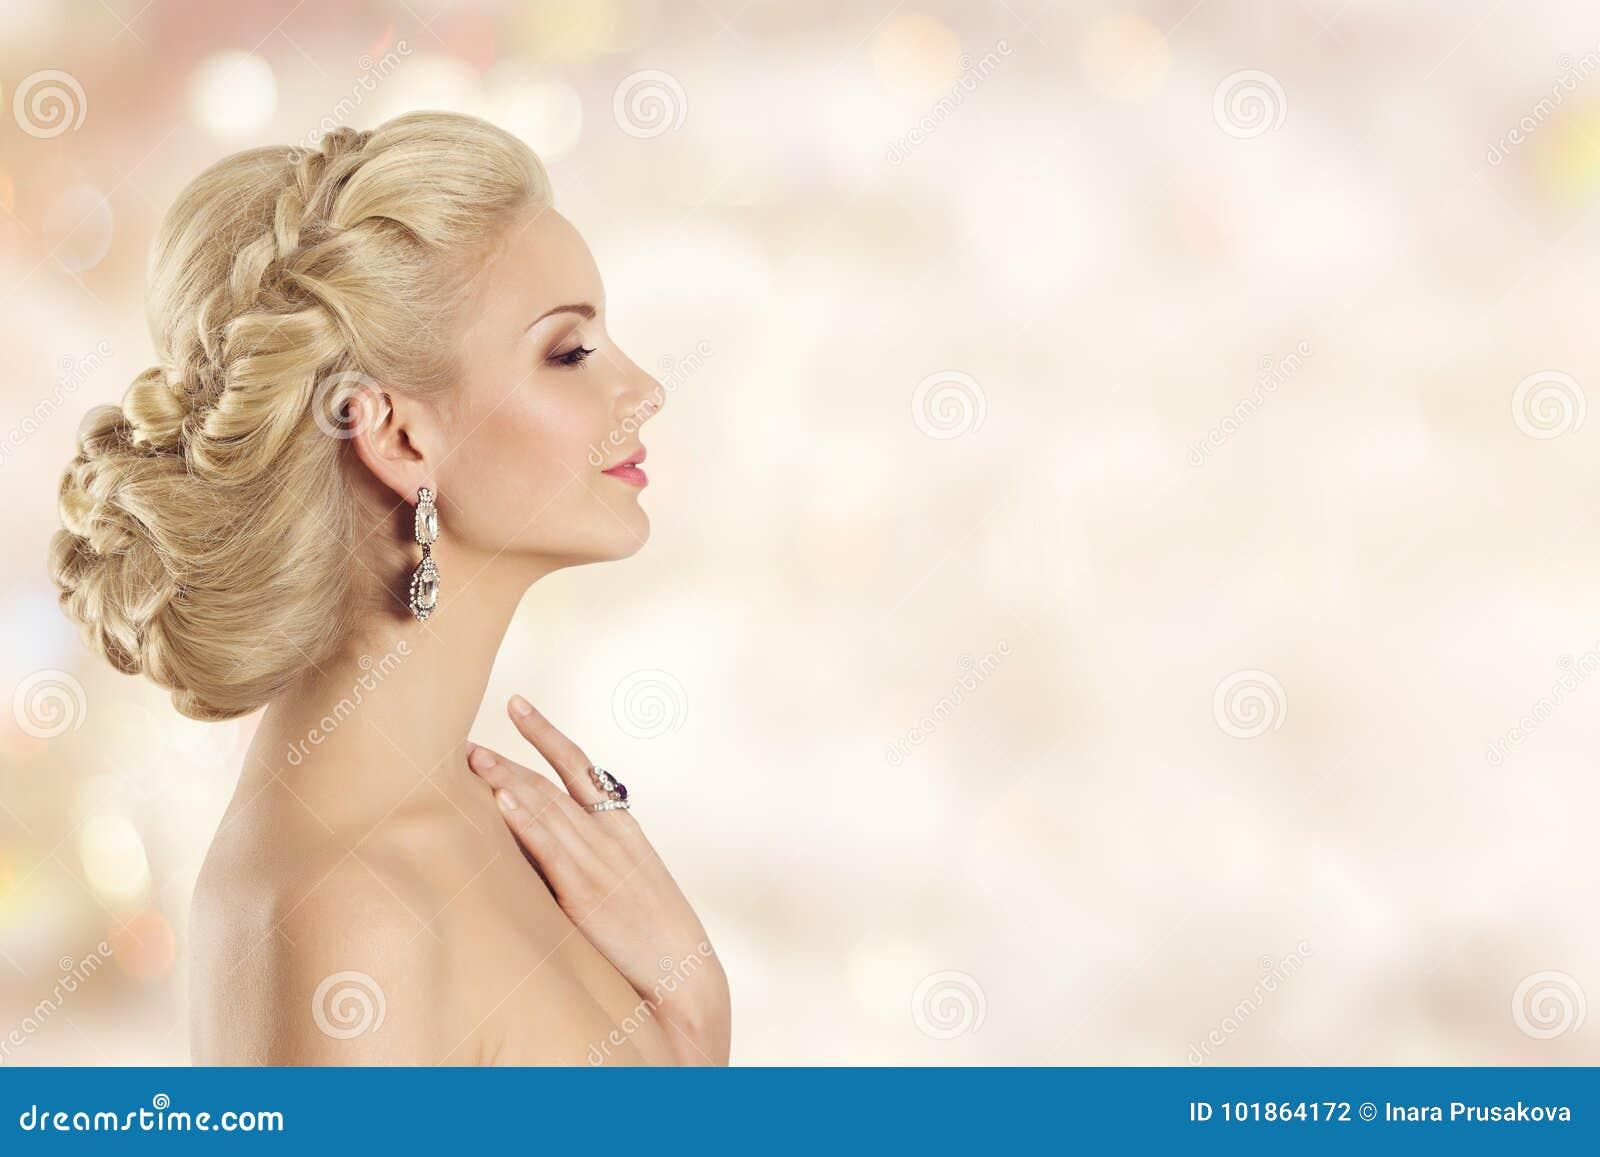 Moda Modela Profilu Piękno Eleganckiej Kobiety Fryzury